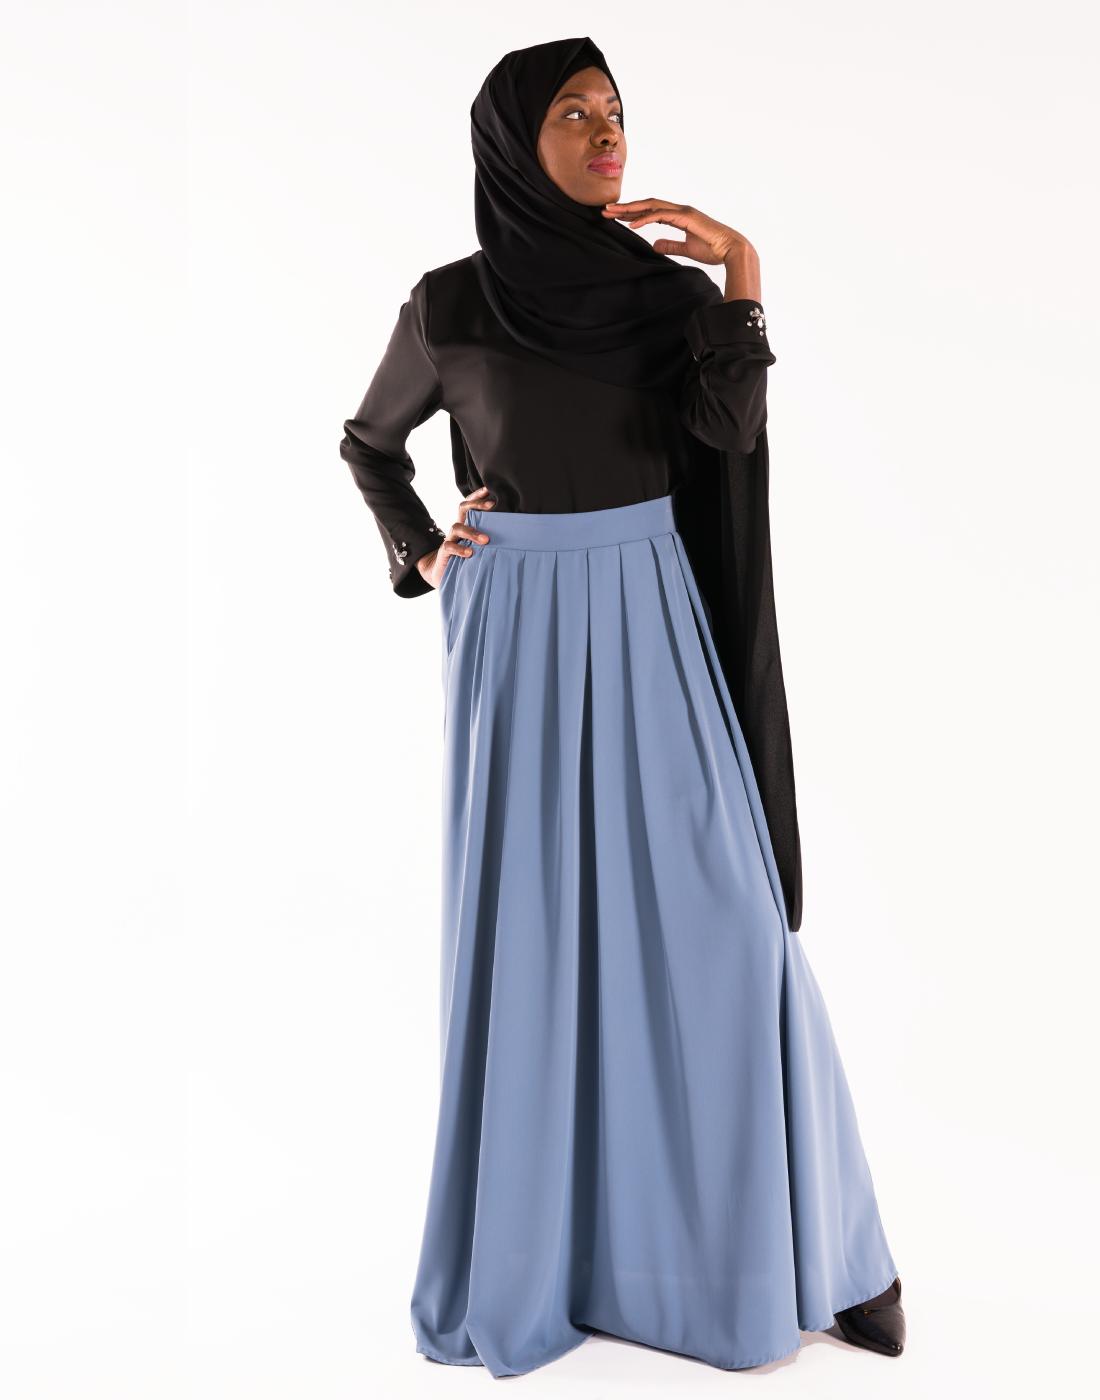 jupe_nidah_bleue_tunique_bijoux_noire_hijab_soie_de_M